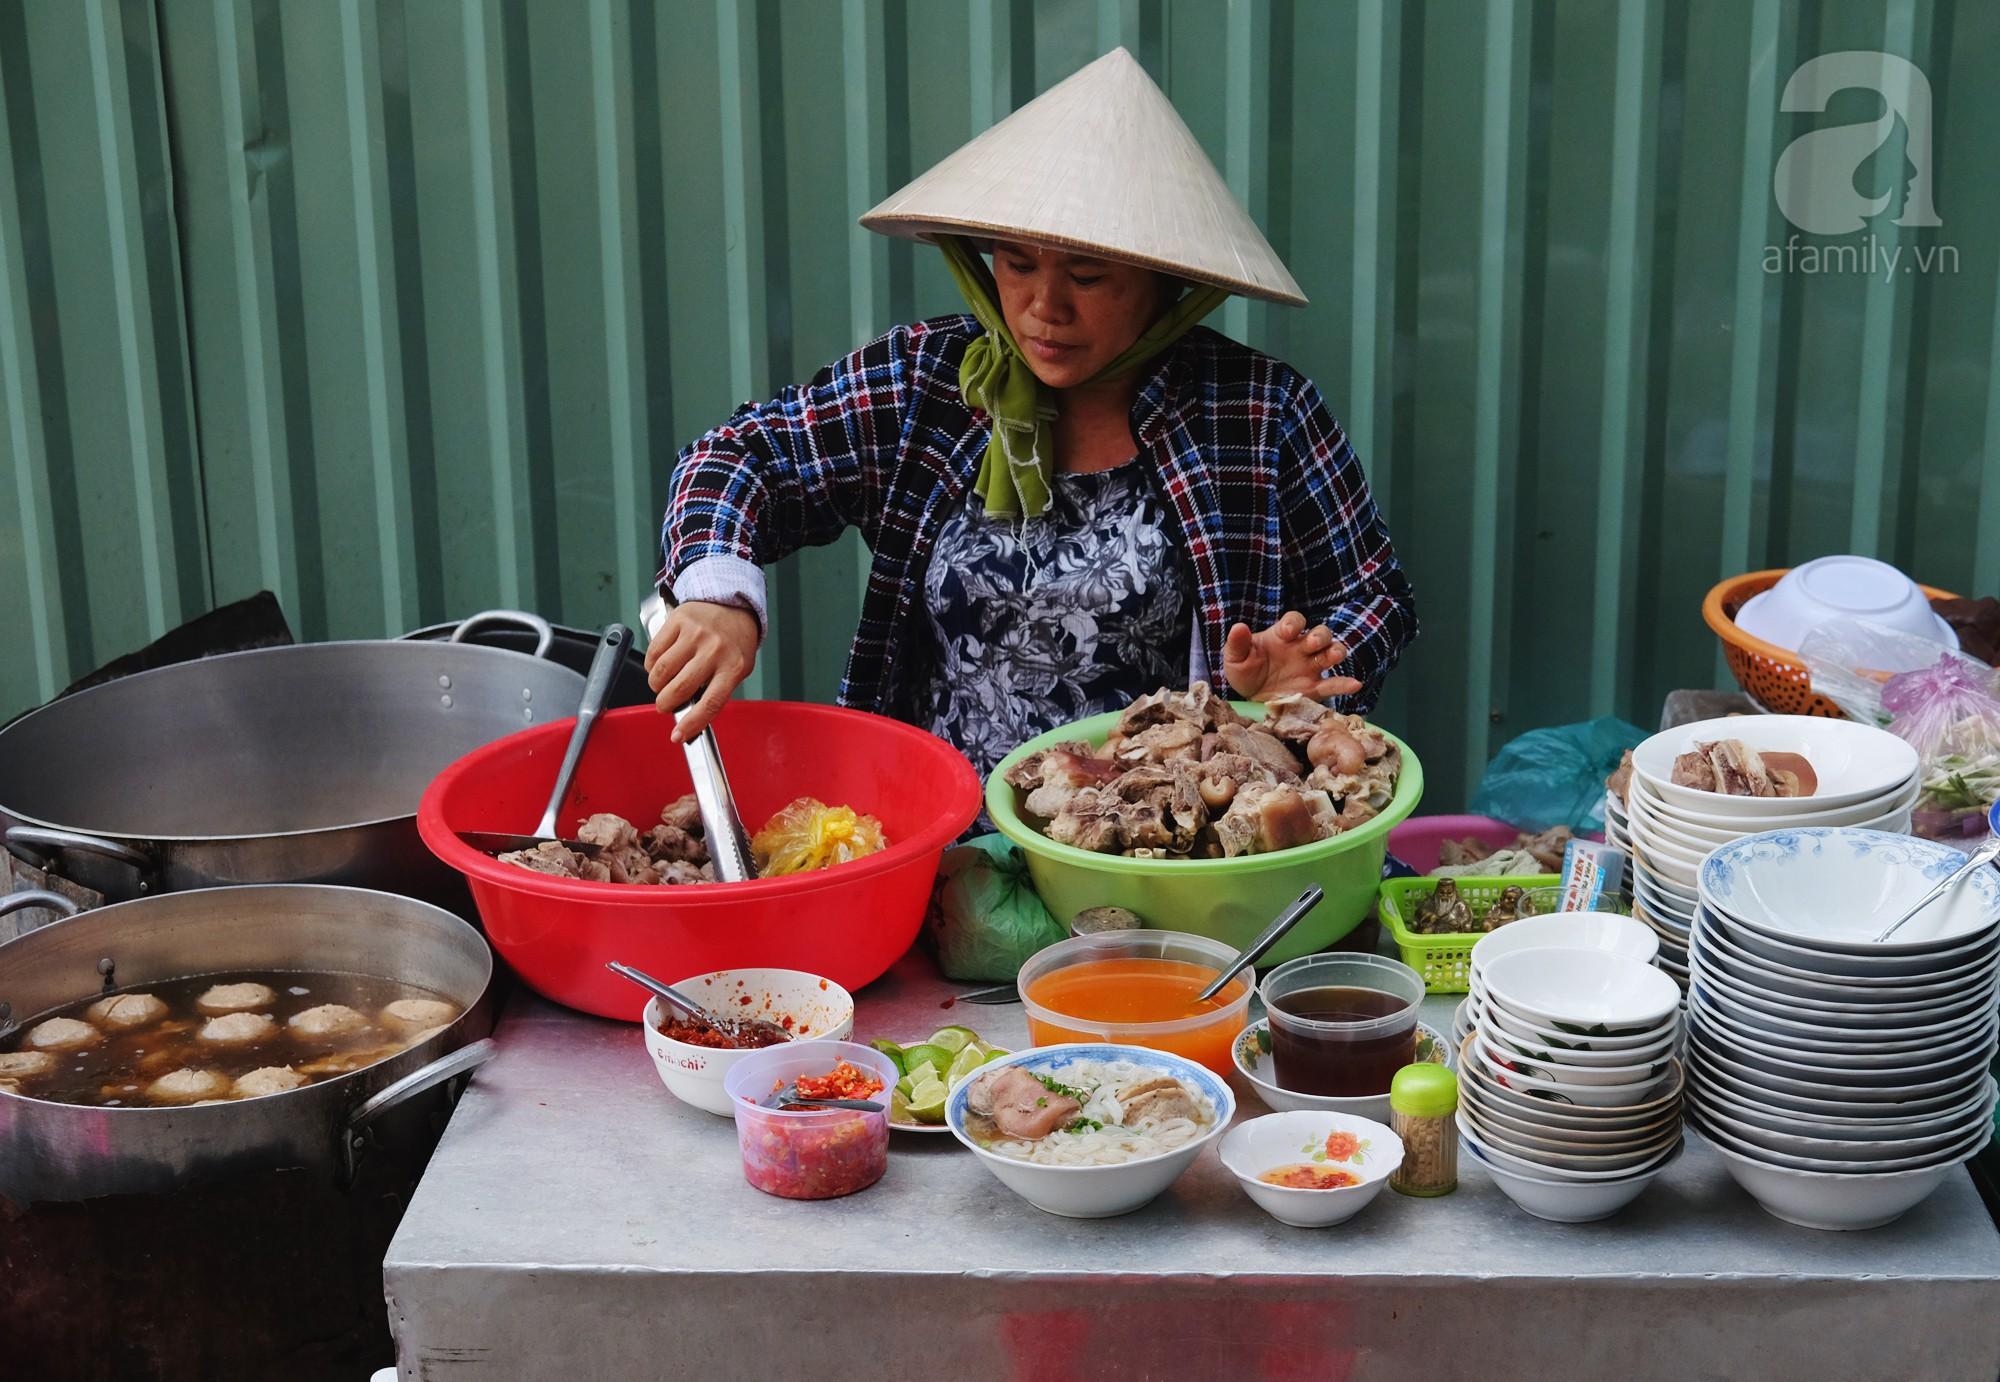 3 quán bánh canh nổi tiếng là tấp nập khách, tốc độ hết hàng rất nhanh ở Sài Gòn  - Ảnh 6.